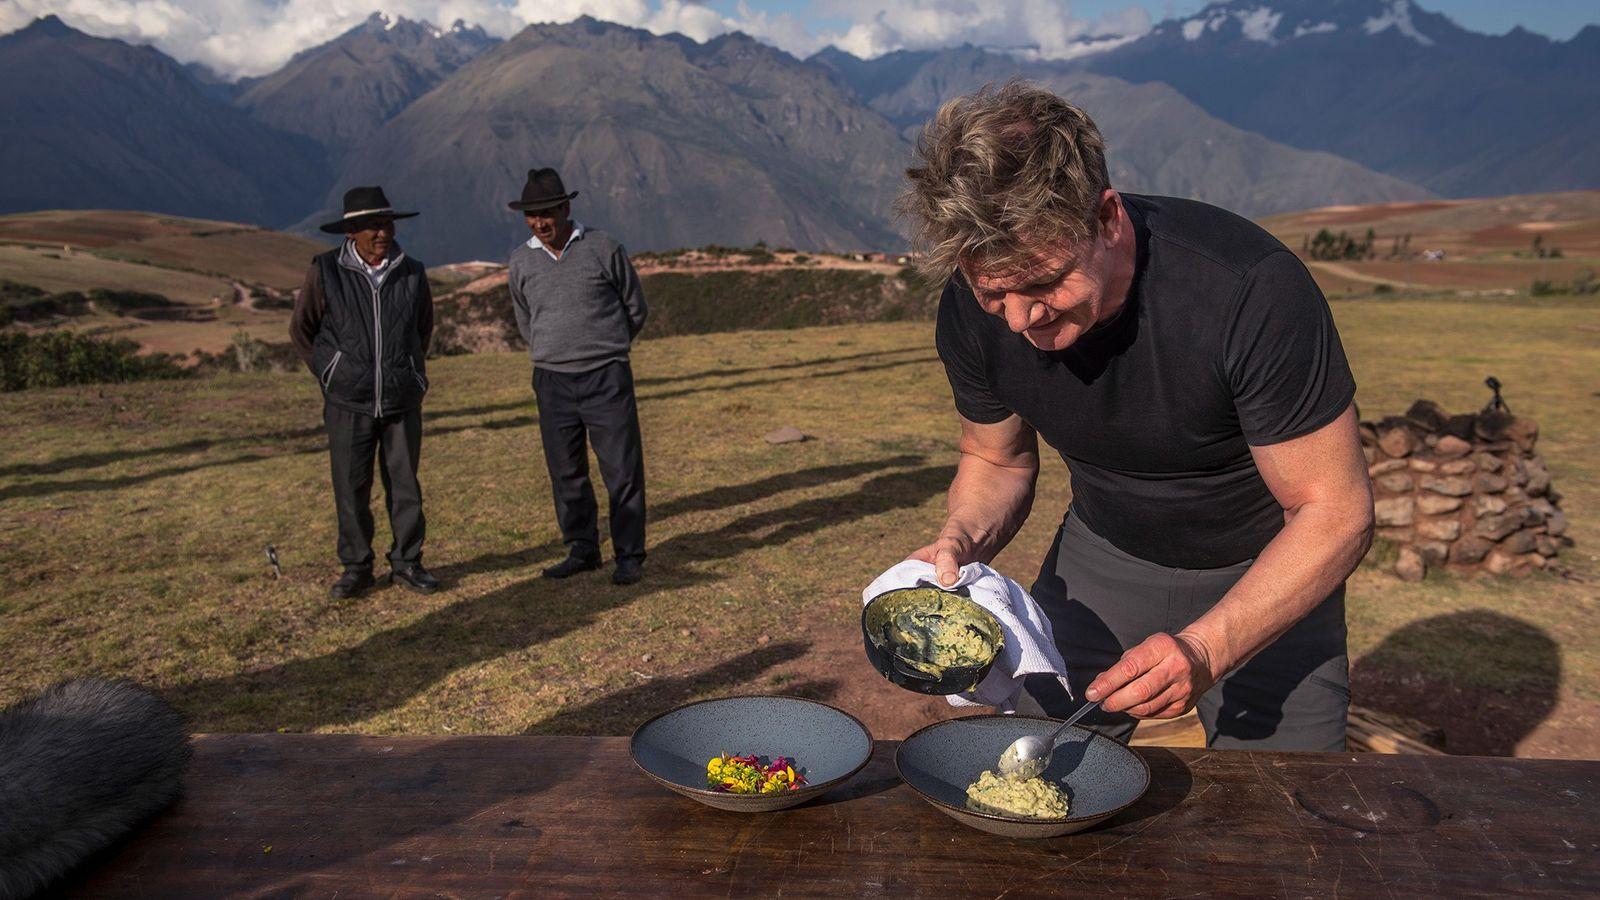 Le chef Gordon Ramsay s'inspire des ingrédients indigènes de la Vallée sacrée au Pérou.